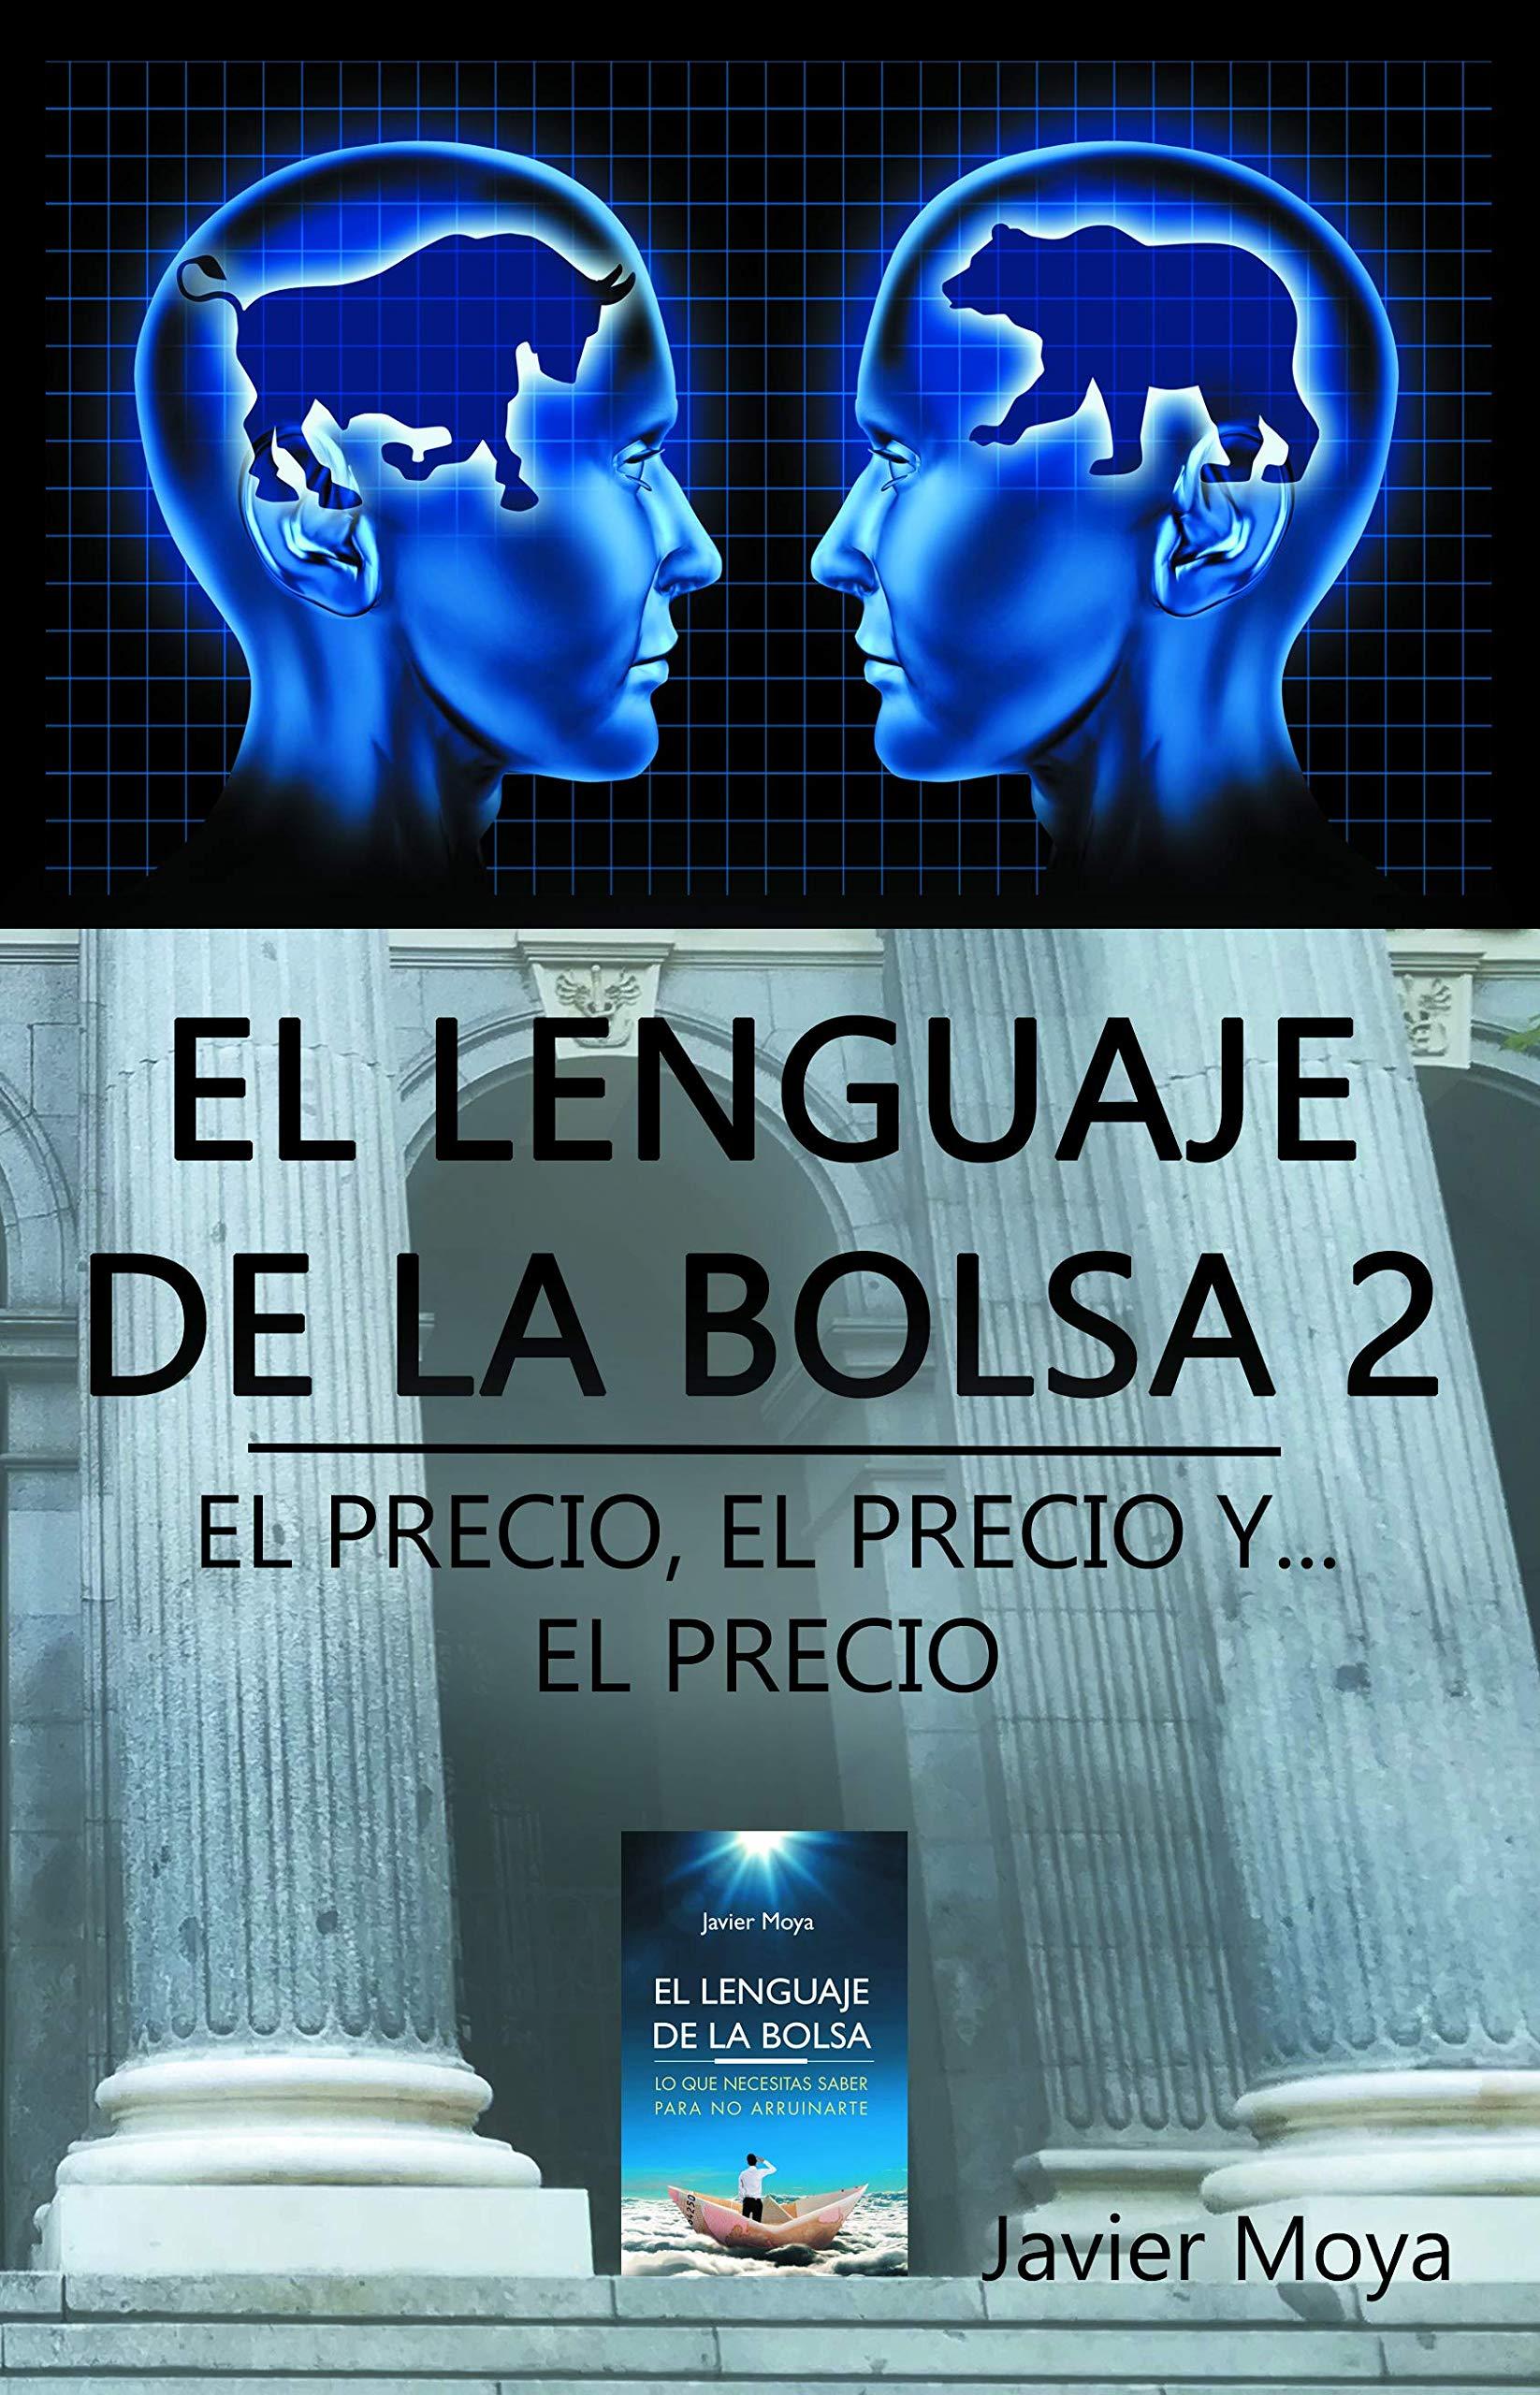 EL LIBRO DE LA BOLSA 2: EL PRECIO, EL PRECIO Y... EL PRECIO (Spanish Edition)